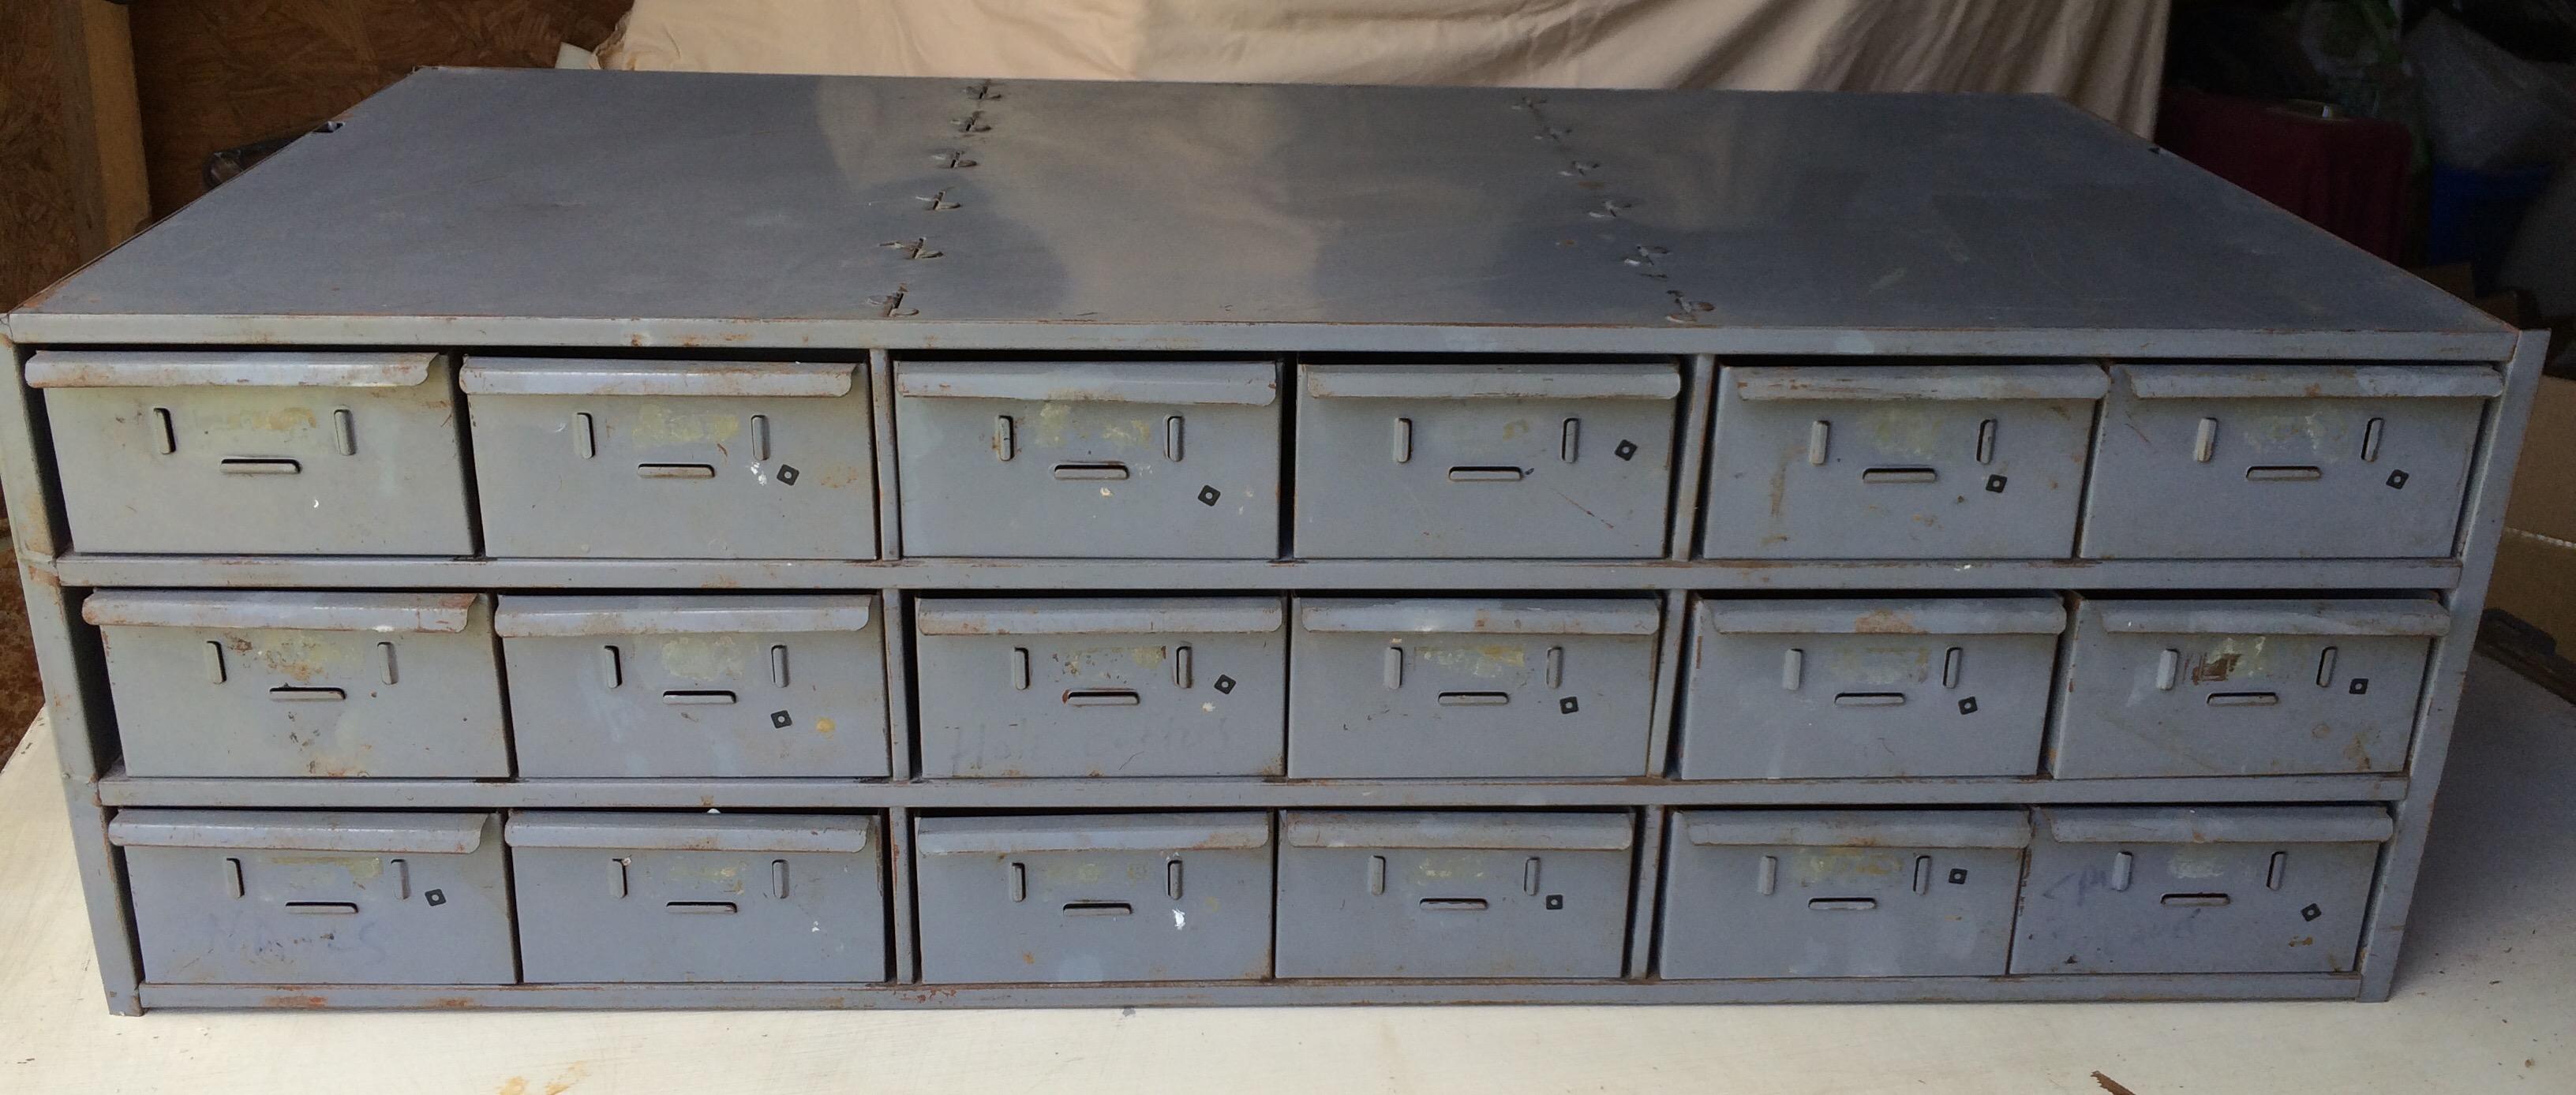 Vintage Metal File Cabinet.